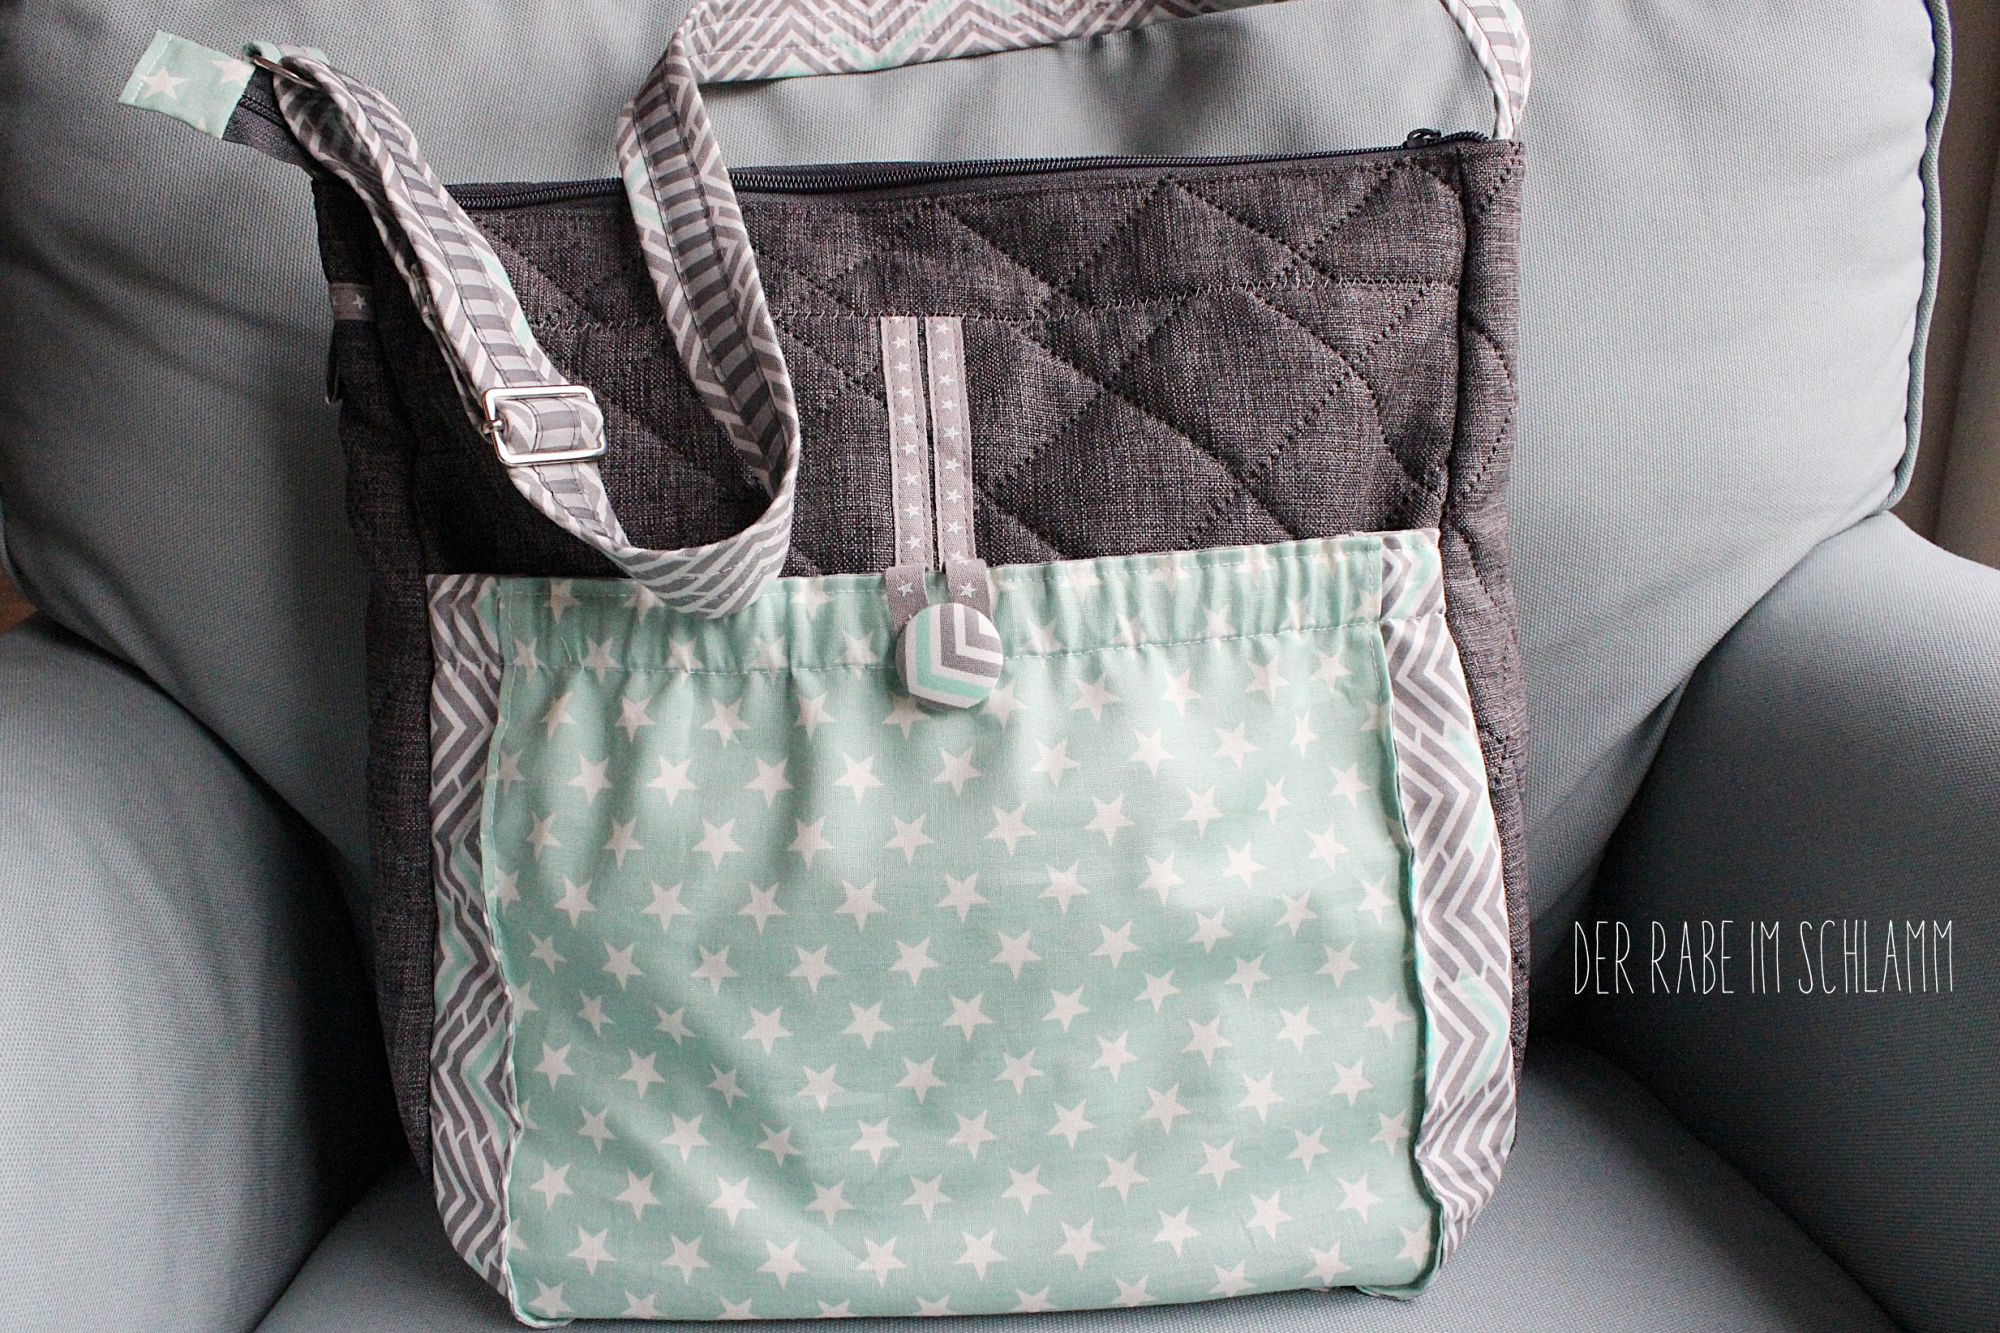 Wickeltasche, Skippy, farbenmix, Der Rabe im Schlamm, Nähen, Taschen, Geschenk, Geburt